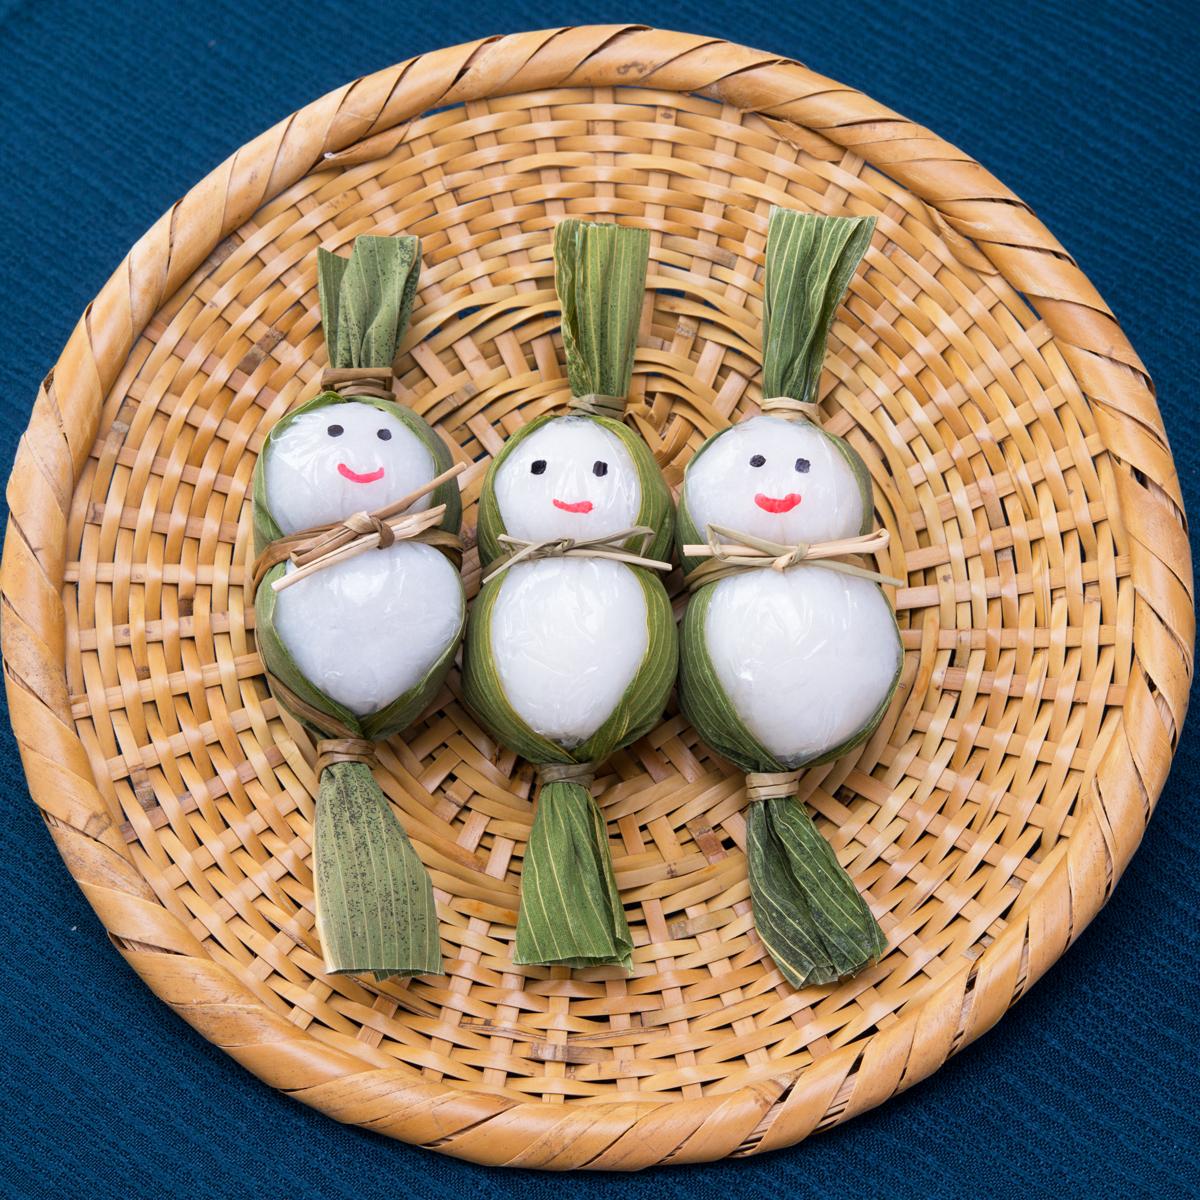 魚沼産コシヒカリ使用。雪国生まれの白い笹だんご 笹雪だるま 5個入り3箱セット〔15個〕